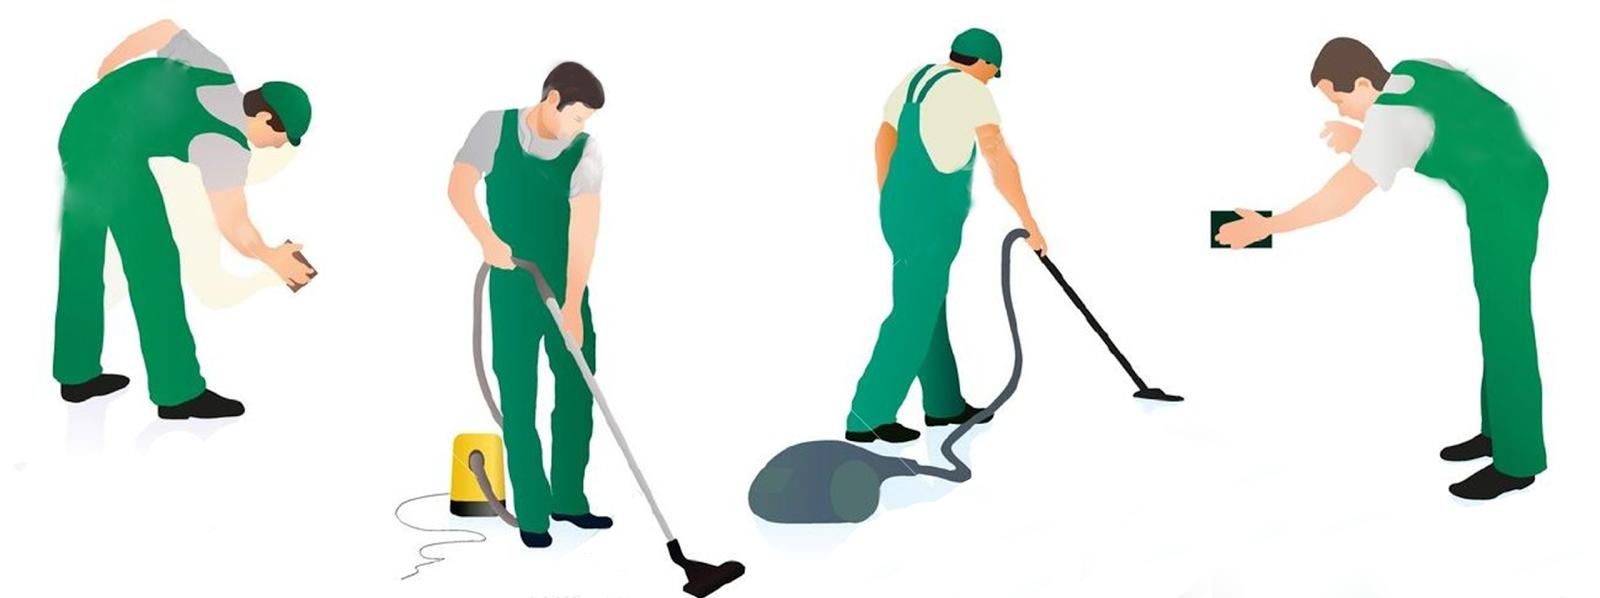 Đơn vị cung cấp các dịch vụ vệ sinh công nghiệp tại Bình Dương